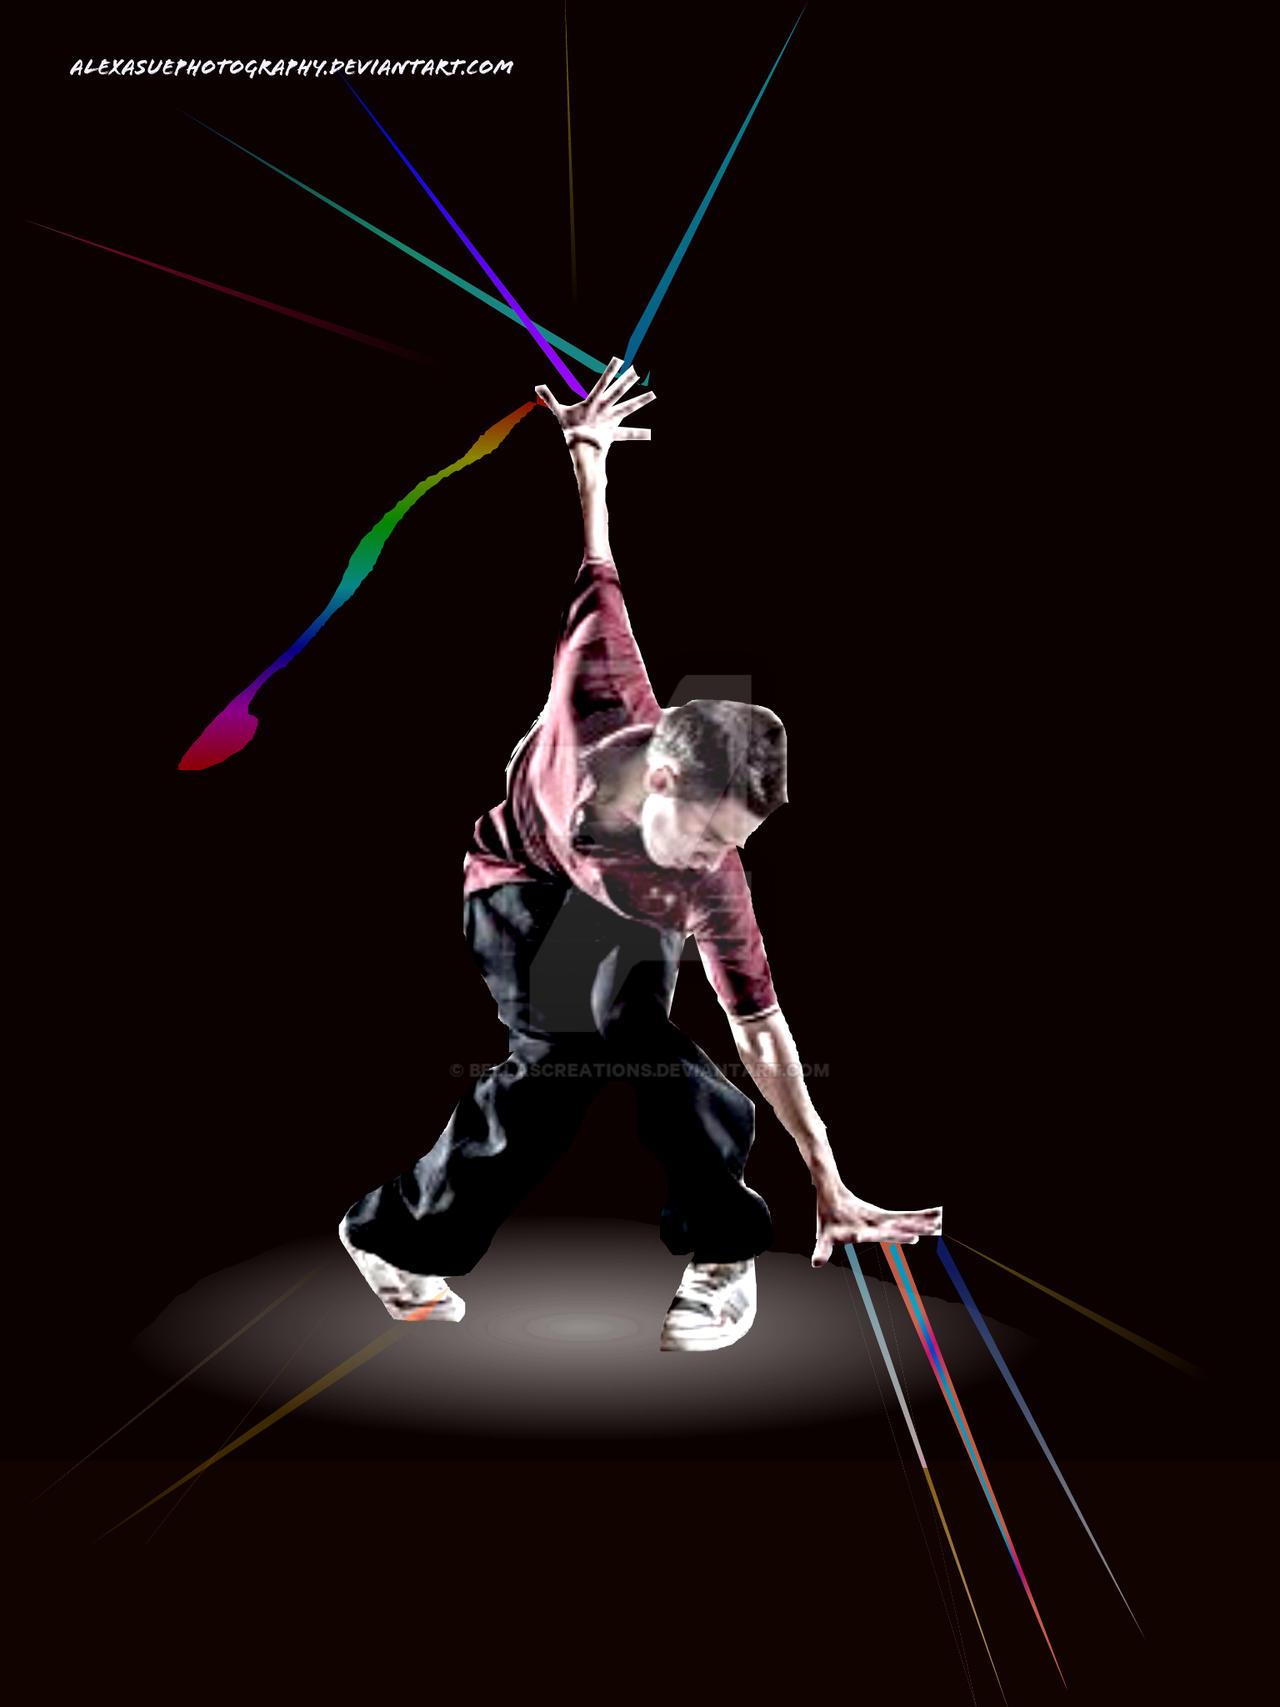 Hip hop dancer by Bellasartbook